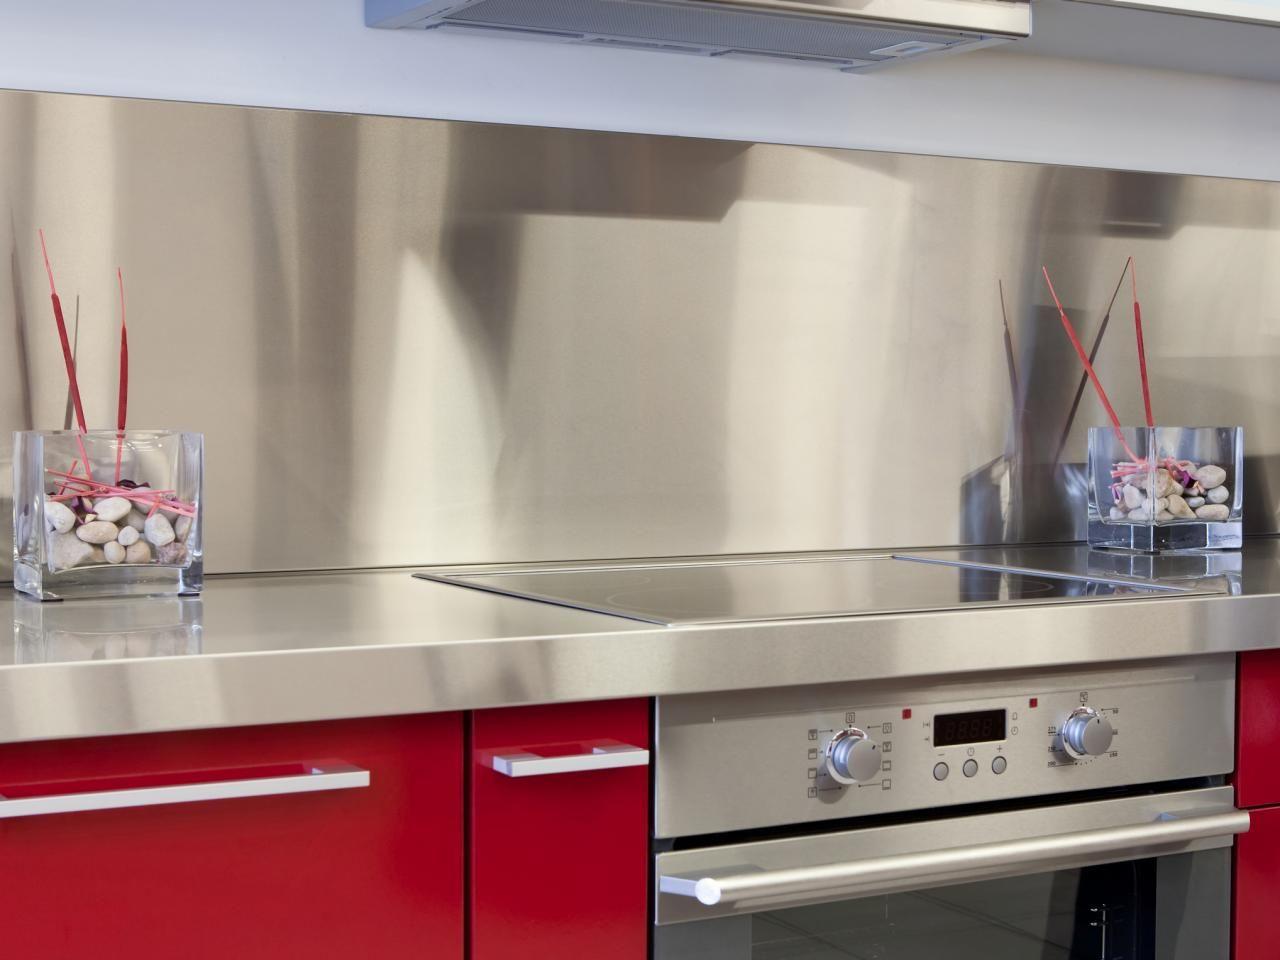 Stainless Steel Countertops Kitchen Dinningkitchen Redored Kitchenkitchen Cupboardskitchen